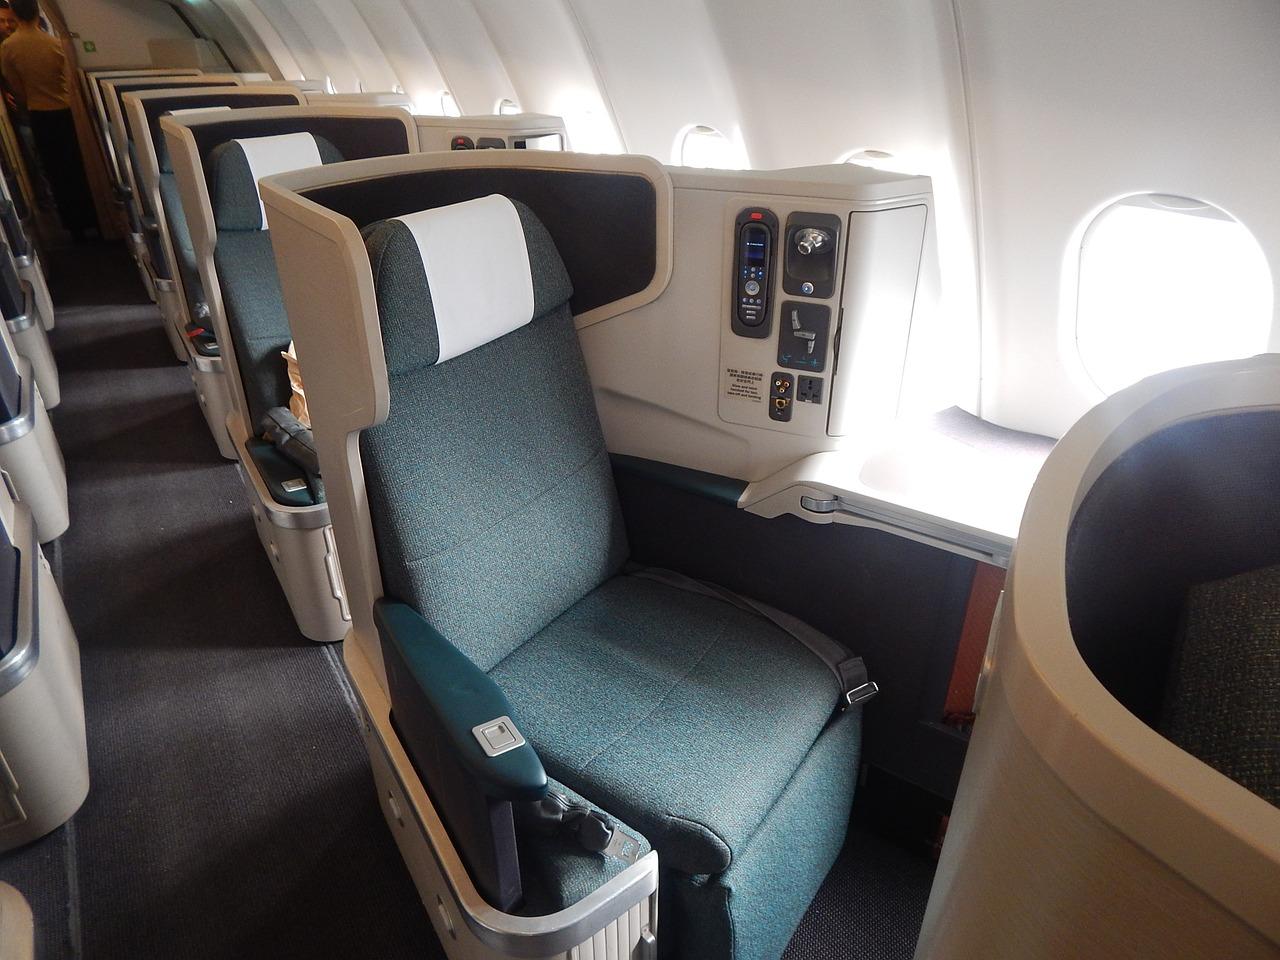 Üst Sınıf Yolculuk Tecrübesi - Business Class Uçuş